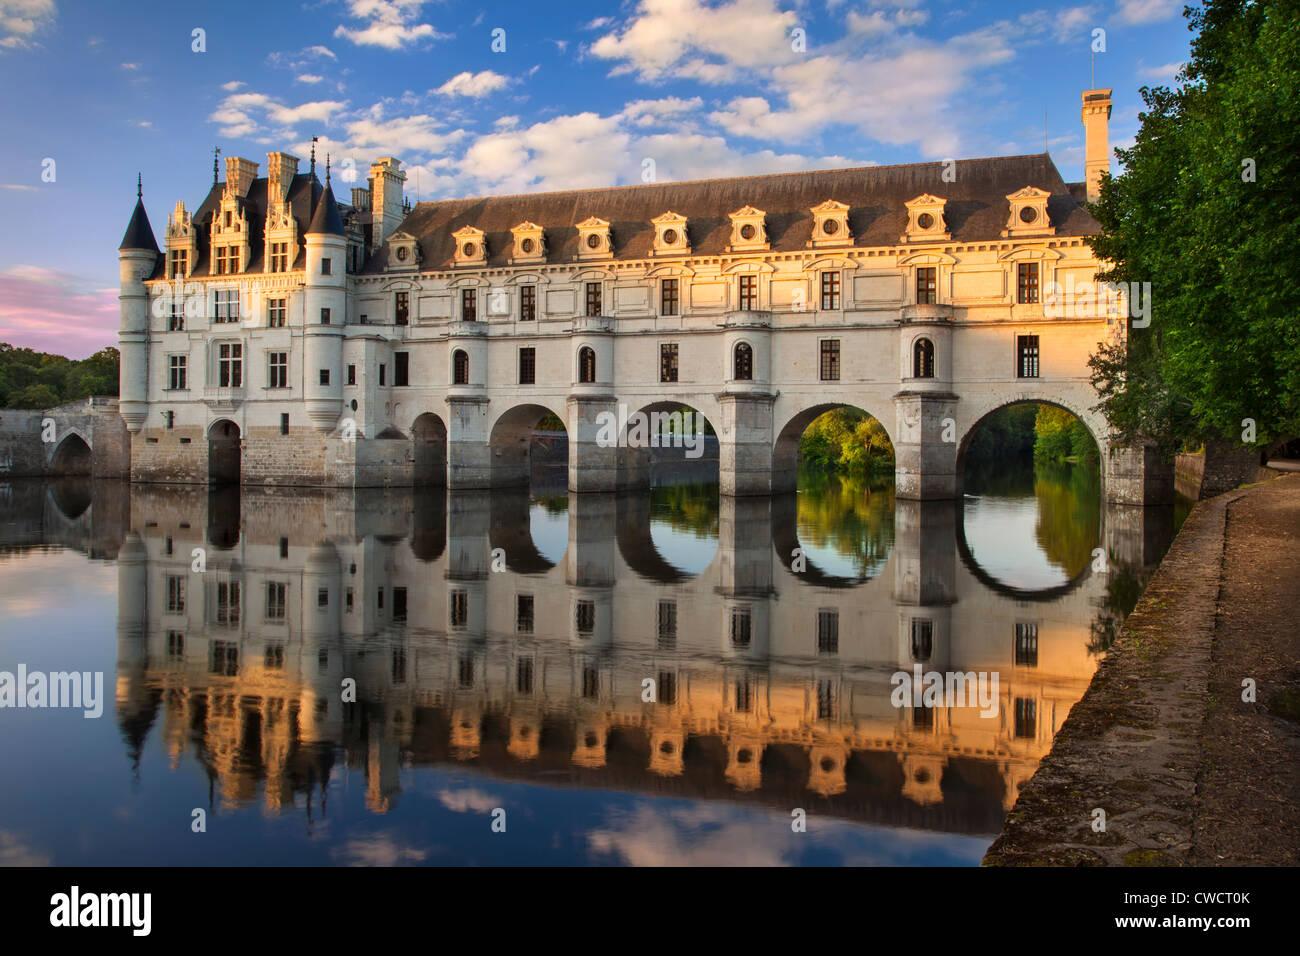 Am Abend Sonnenlicht auf Schloss Chenonceau und Fluss Cher, Indre-et-Loire, Centre Frankreich Stockfoto